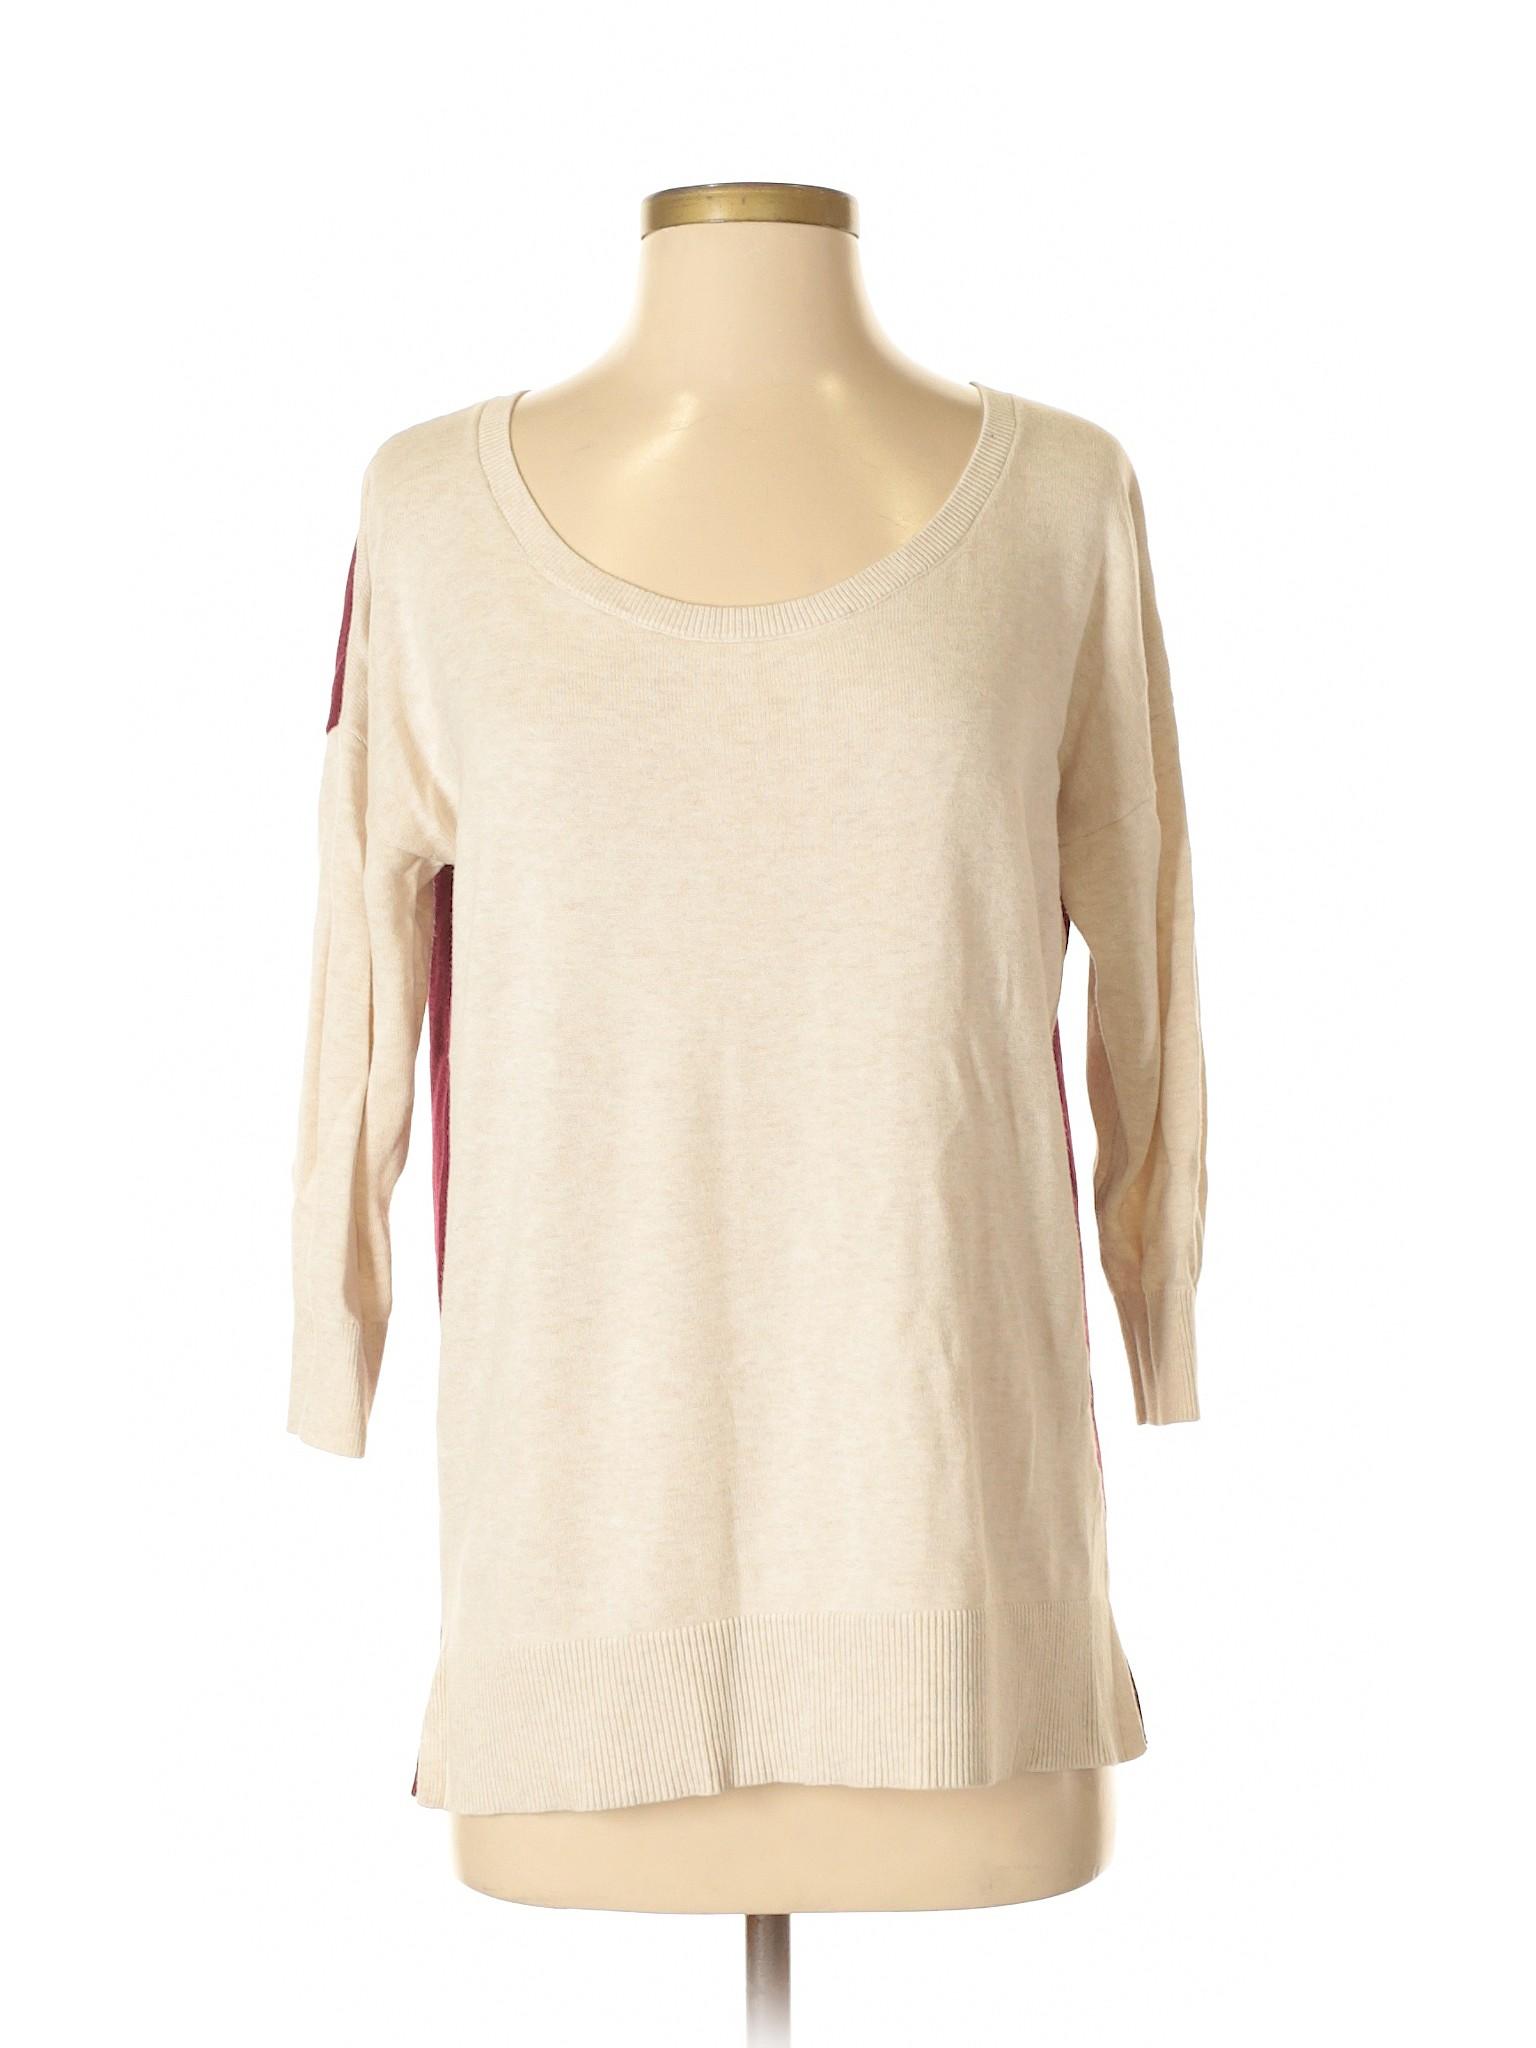 Boutique Pullover Boutique Sweater Republic Banana Banana rnXIx1Urq